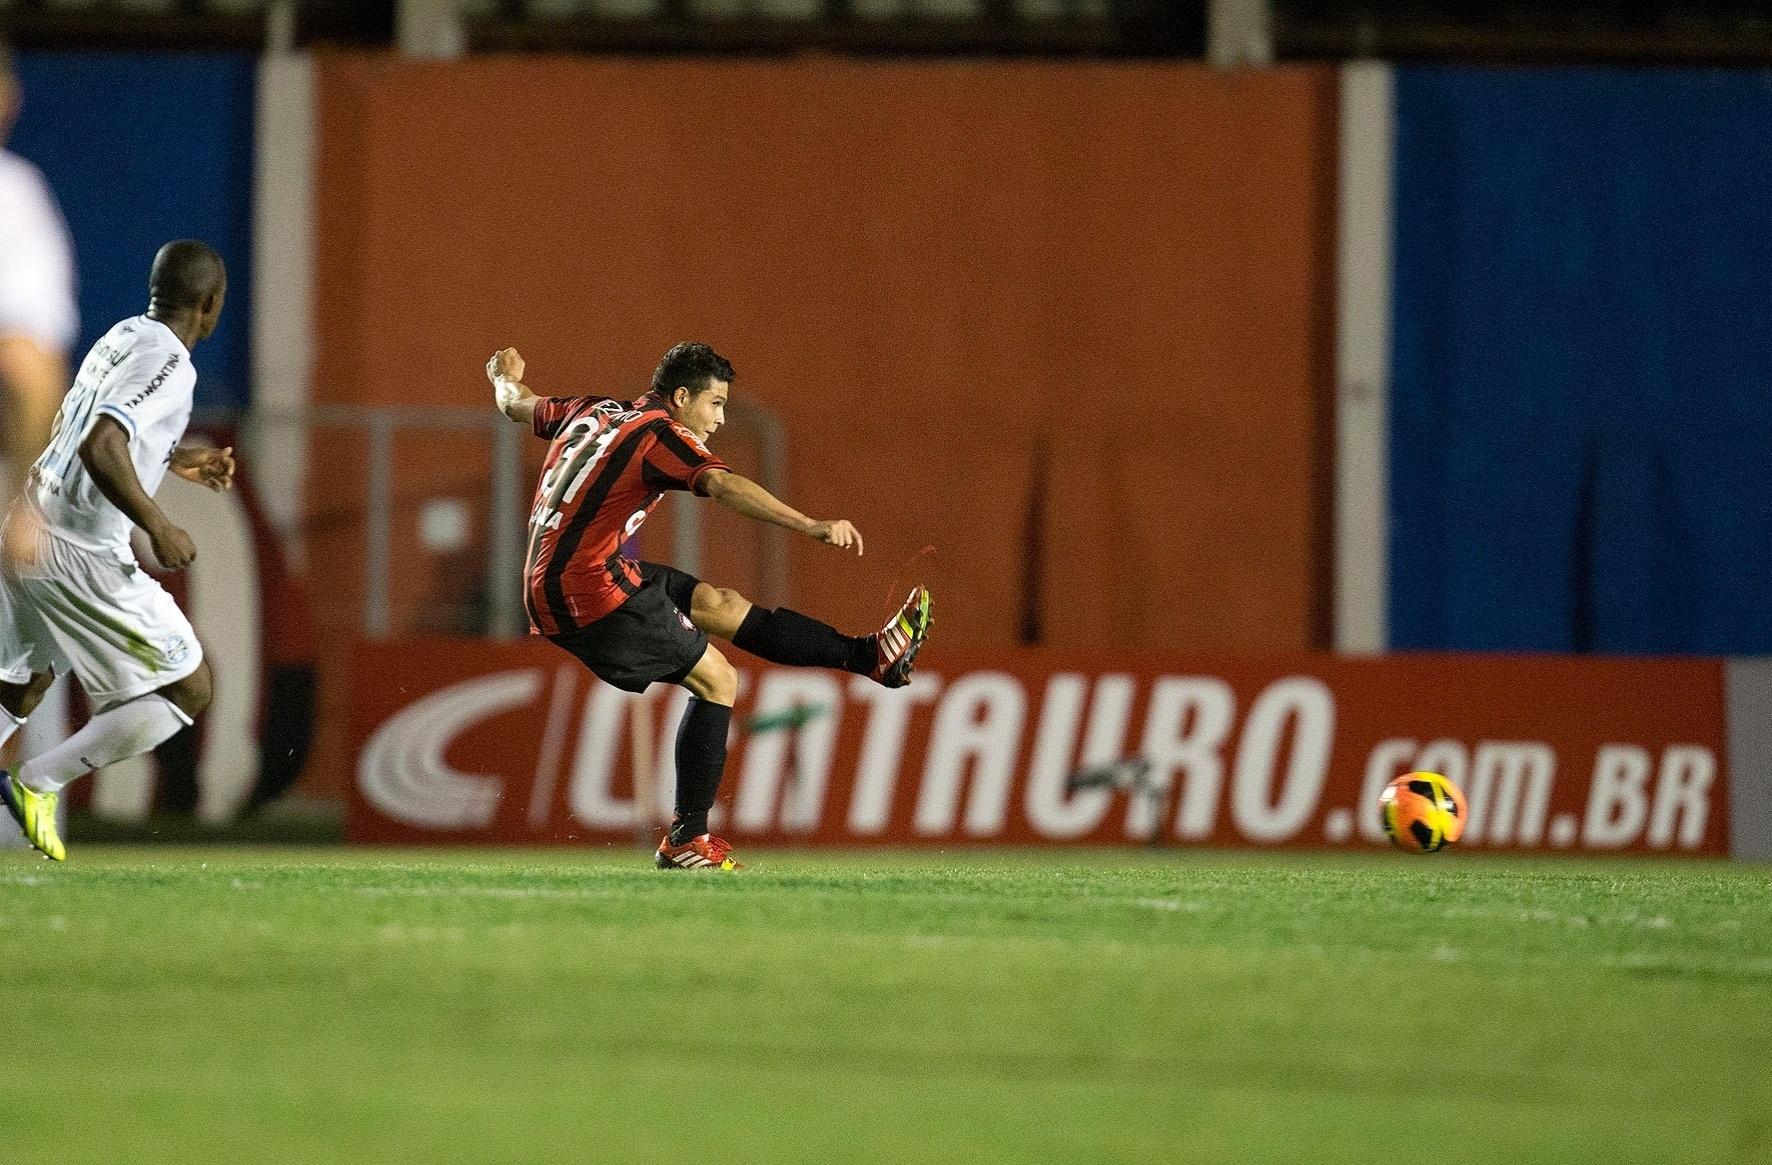 Zezinho bate para o gol na partida entre Atlético-PR e Grêmio pela Copa do Brasil. Jogando em casa, na Vila Capanema, o Atlético venceu por 1 a 0 (30.10.13)